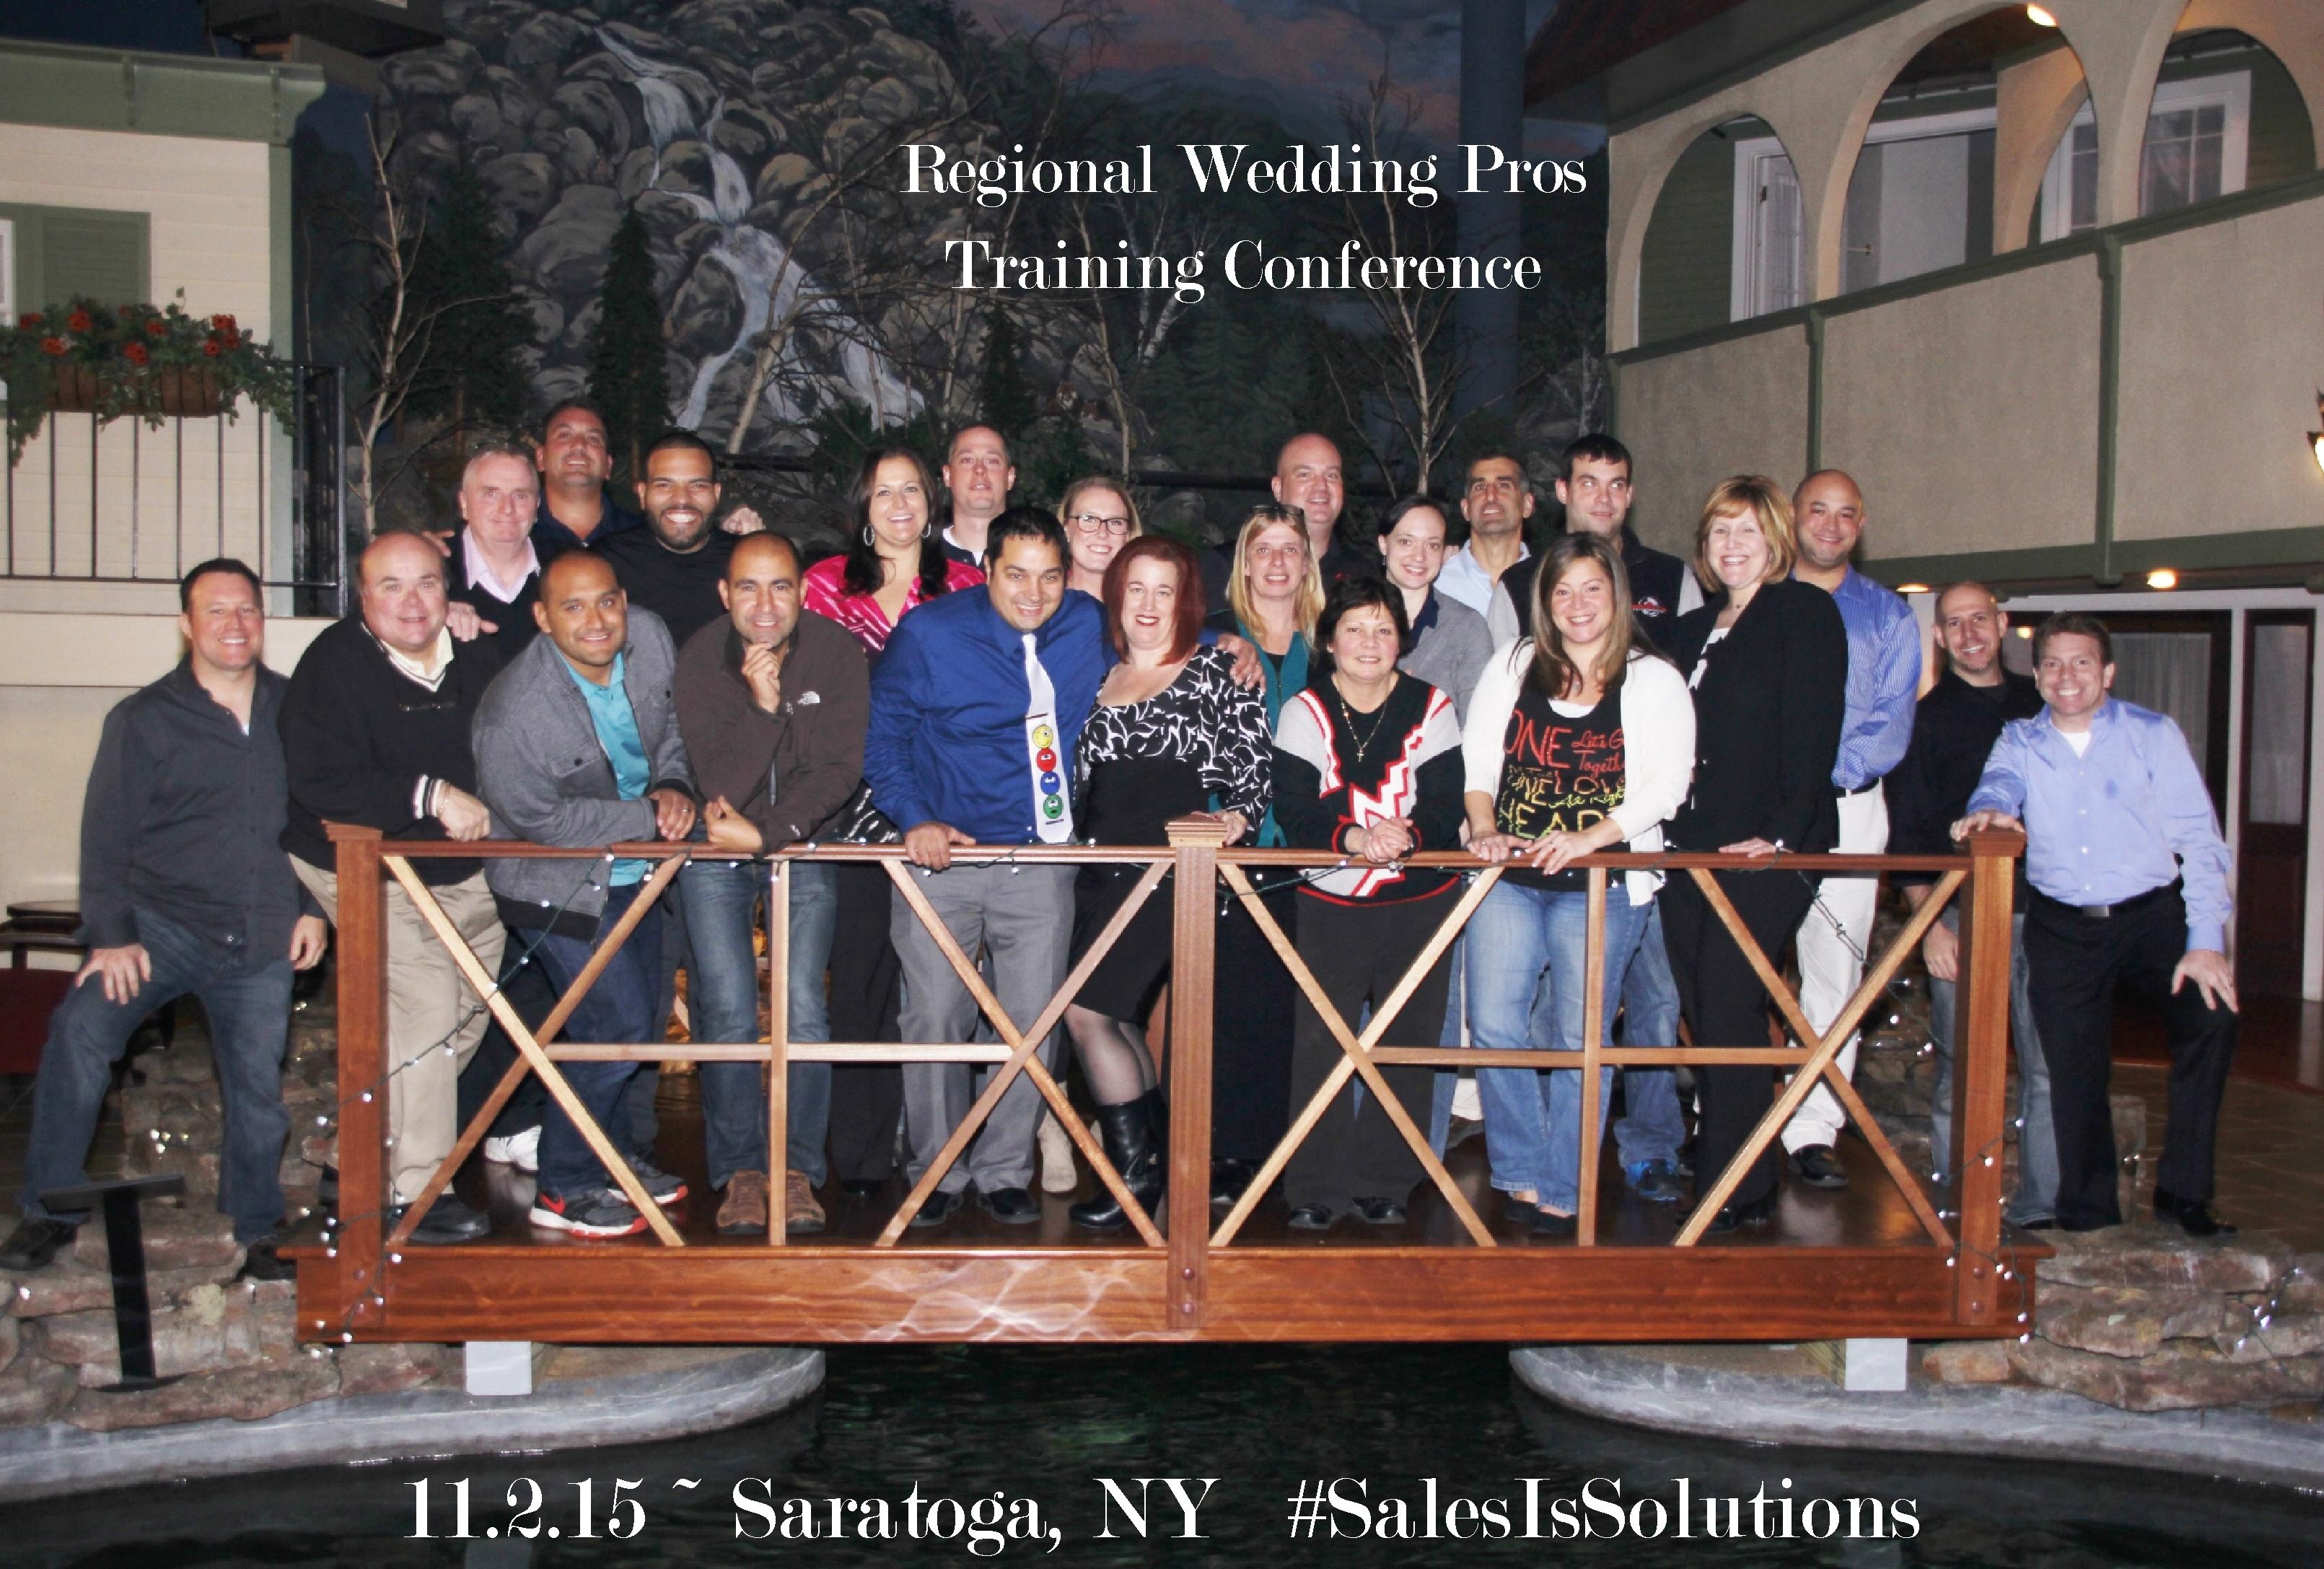 2015 Saratoga, NY